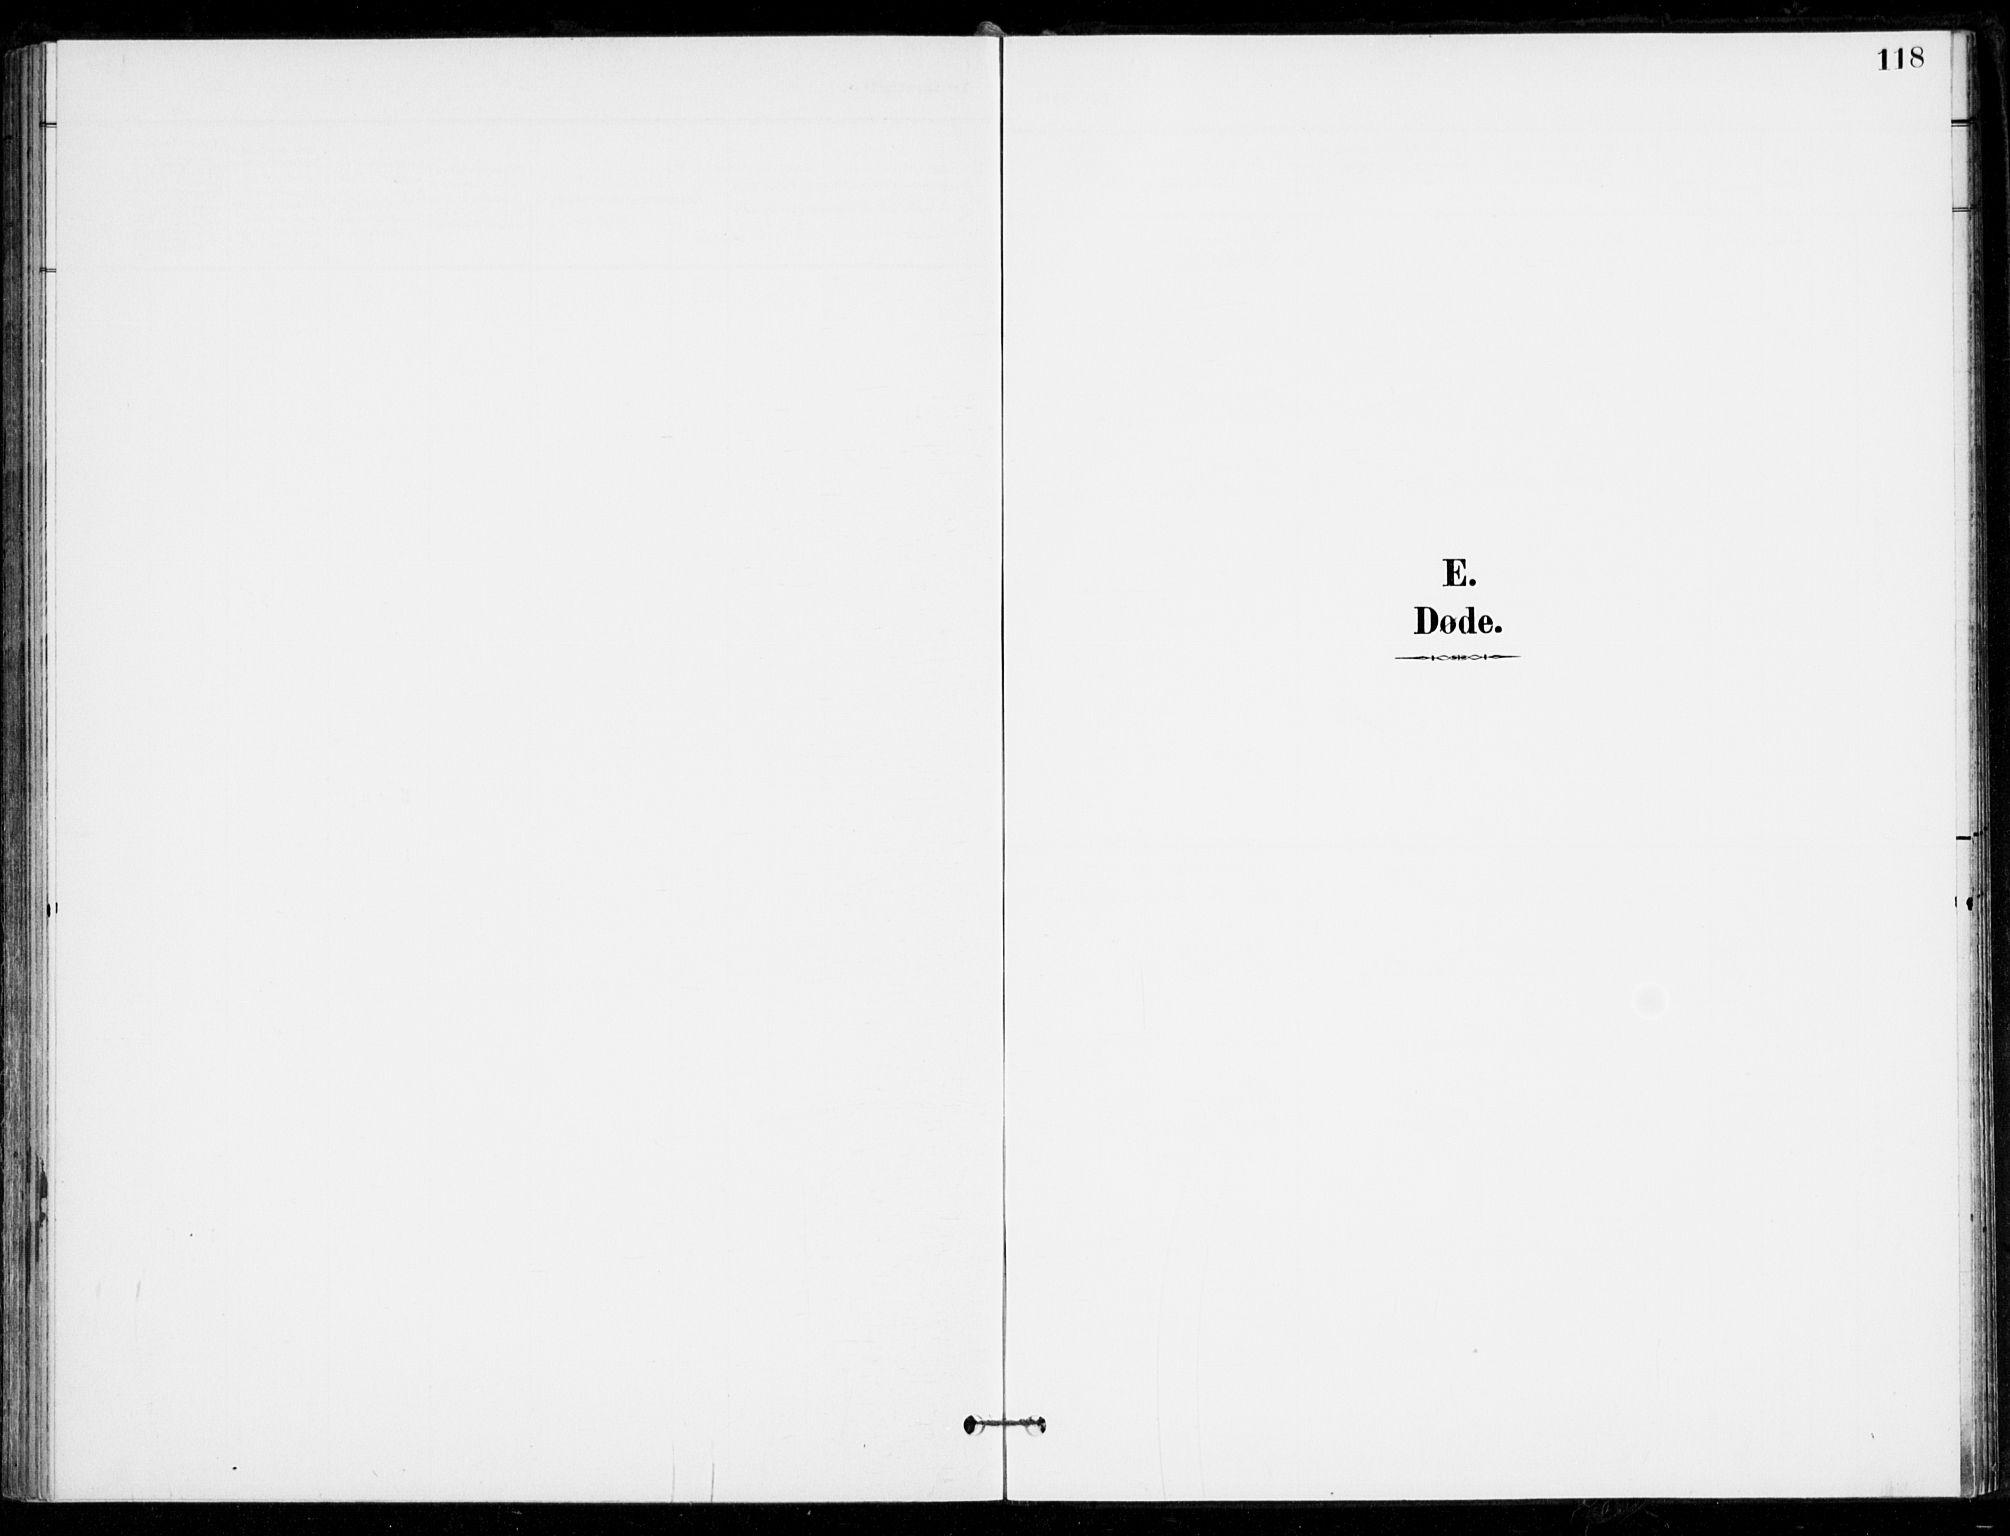 SAKO, Åssiden kirkebøker, F/Fa/L0002: Ministerialbok nr. 2, 1896-1916, s. 118